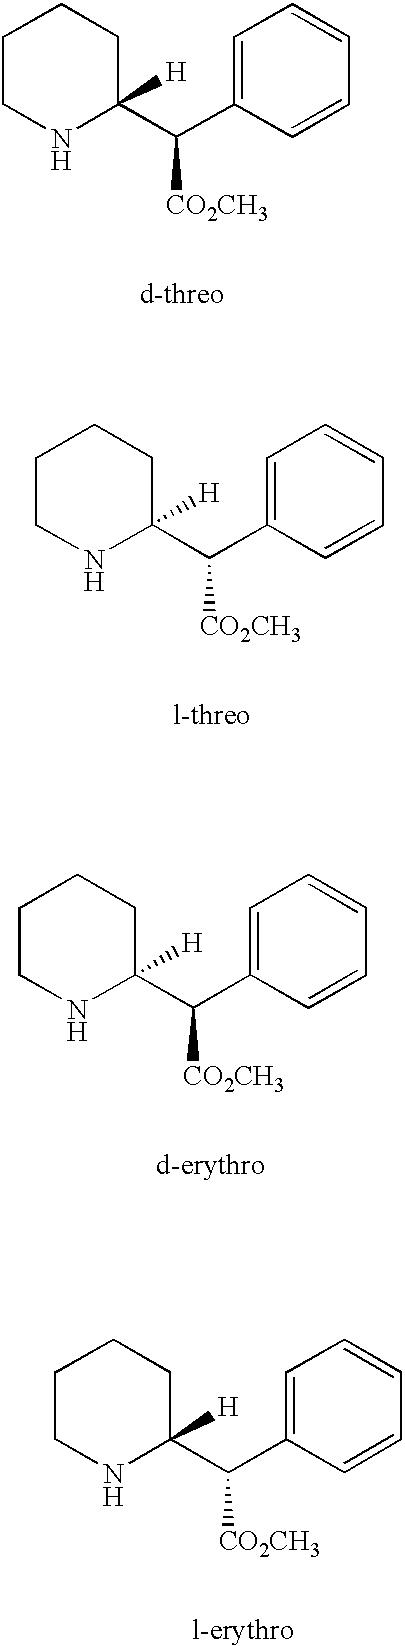 Figure US20030170181A1-20030911-C00001